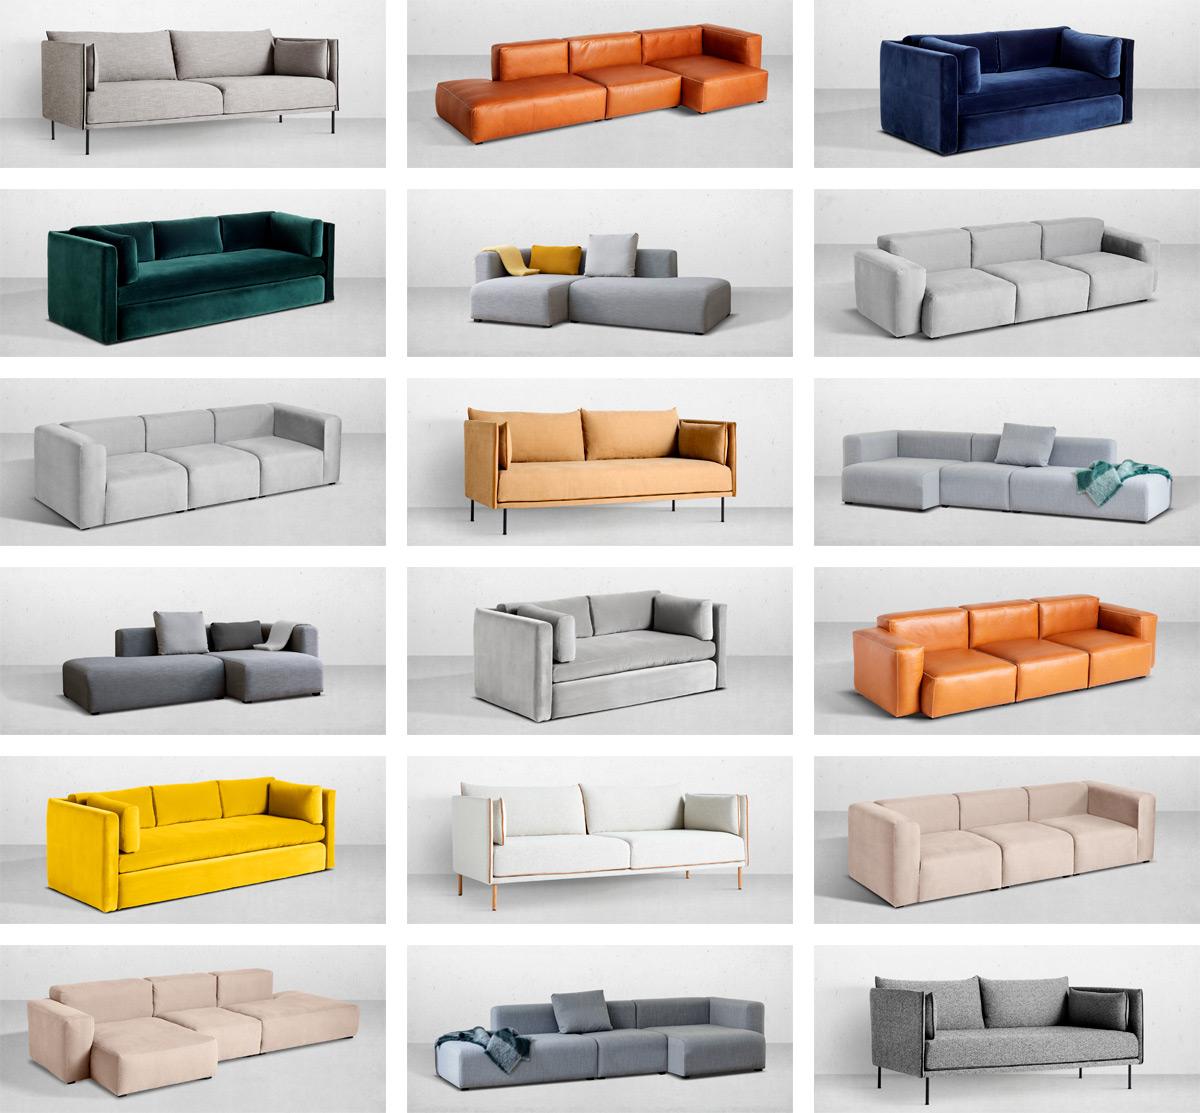 En utställning med moderna soffa design exempel